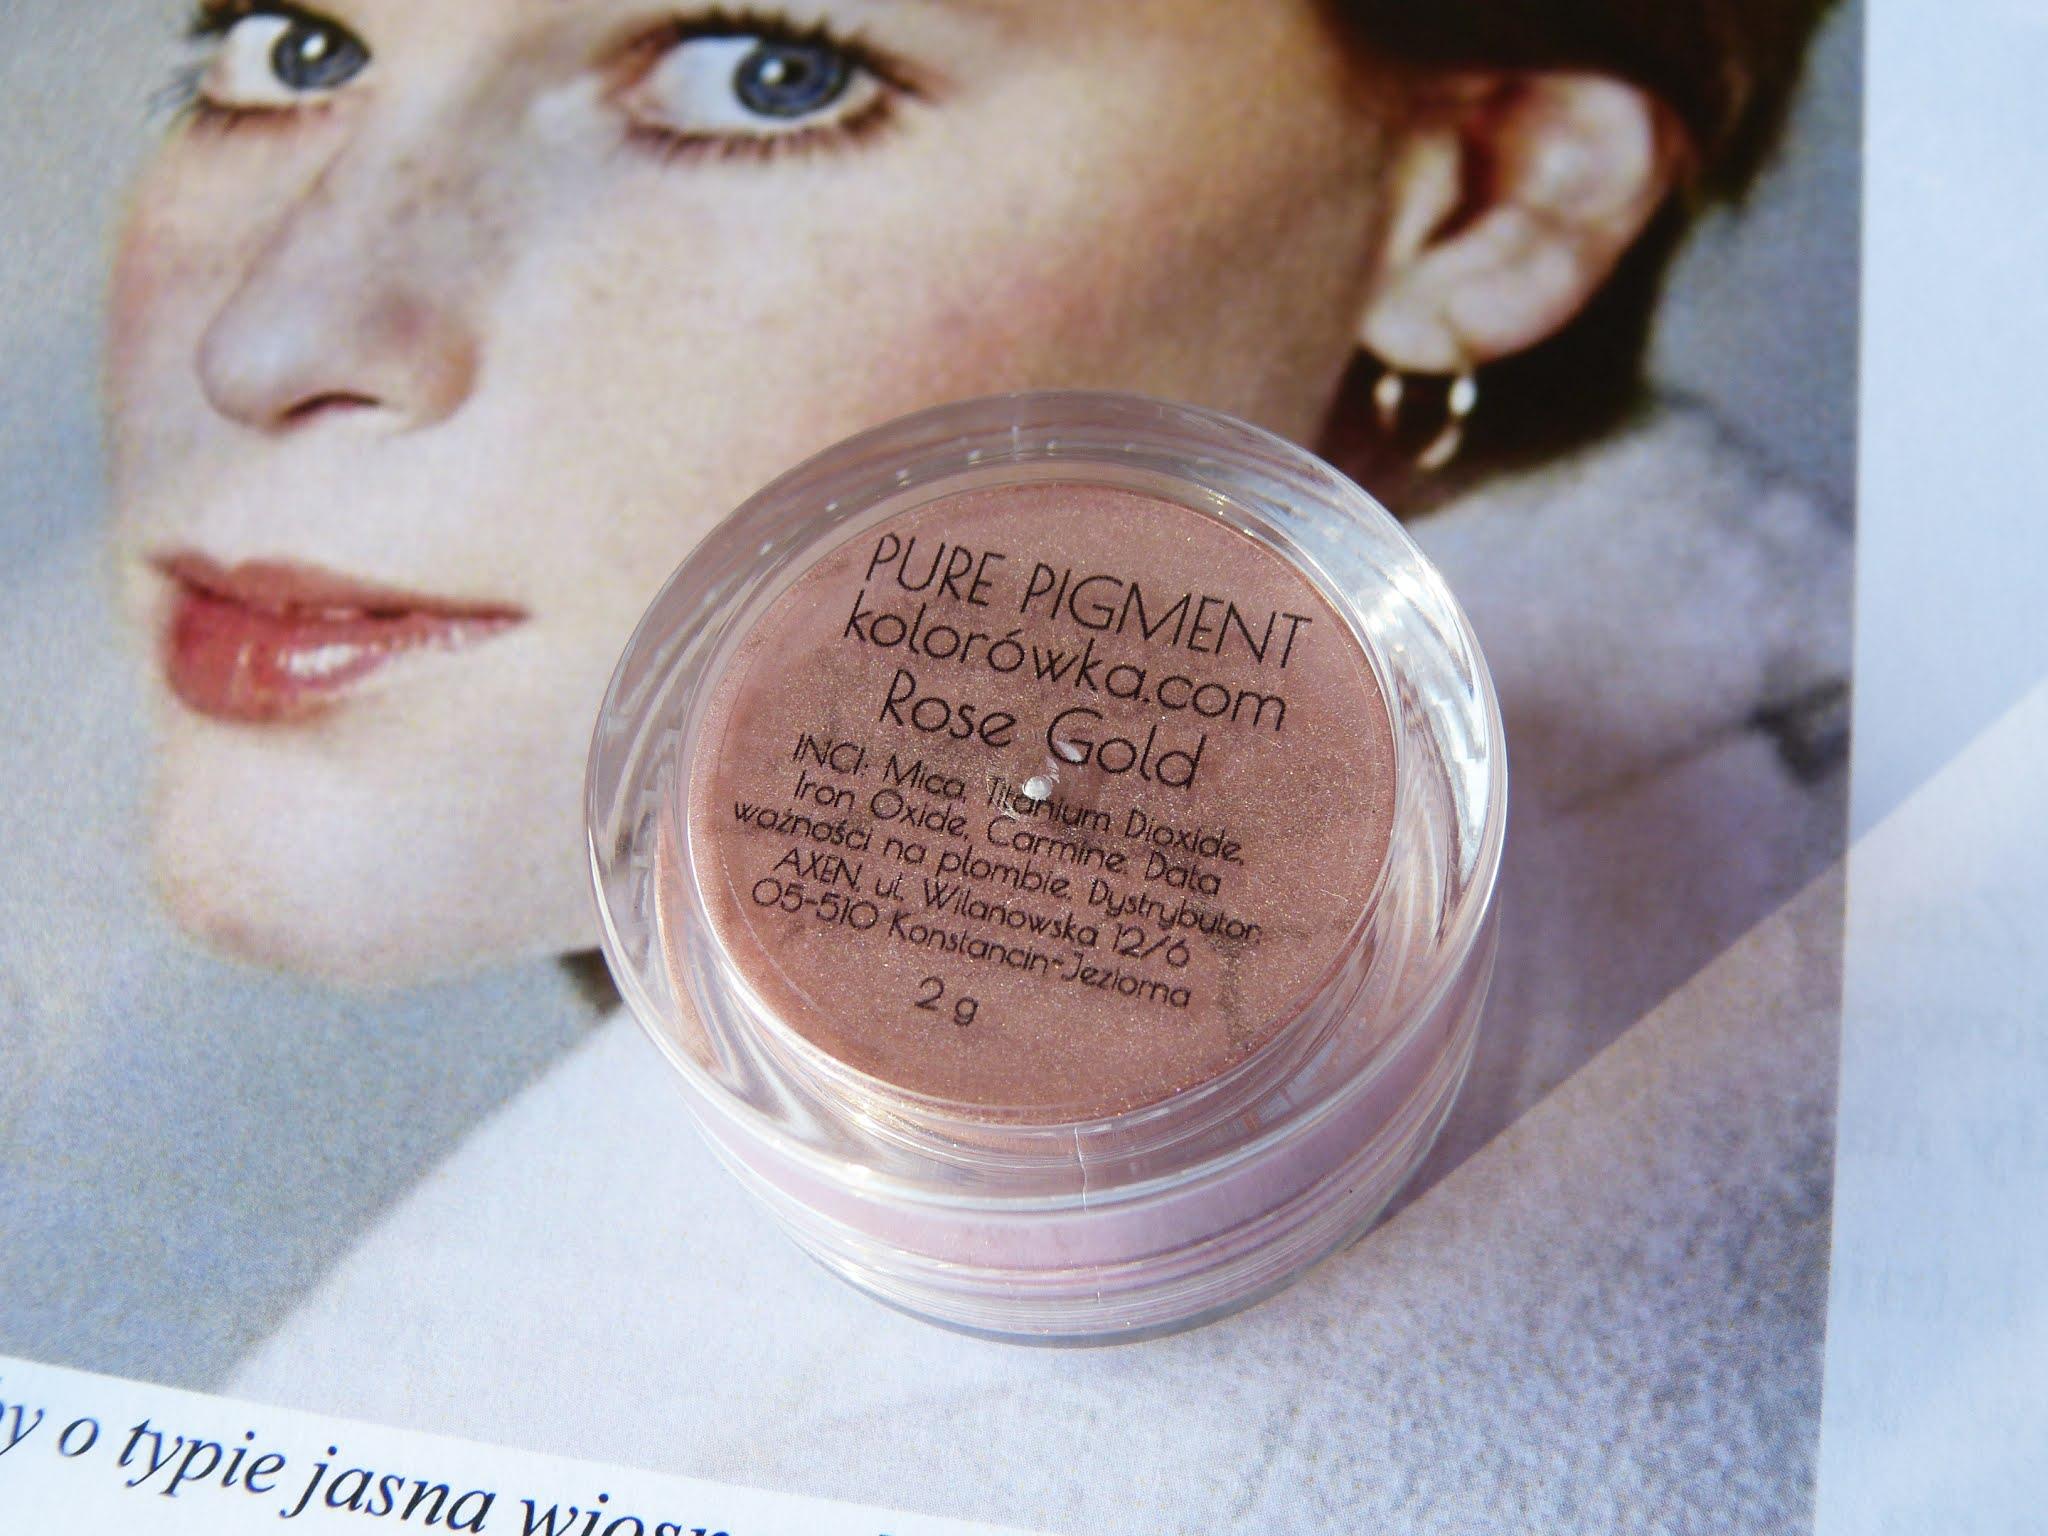 Pure Pigment Rose Gold z Kolorowka.com - dla którego typu kolorystycznego będzie najlepszy?